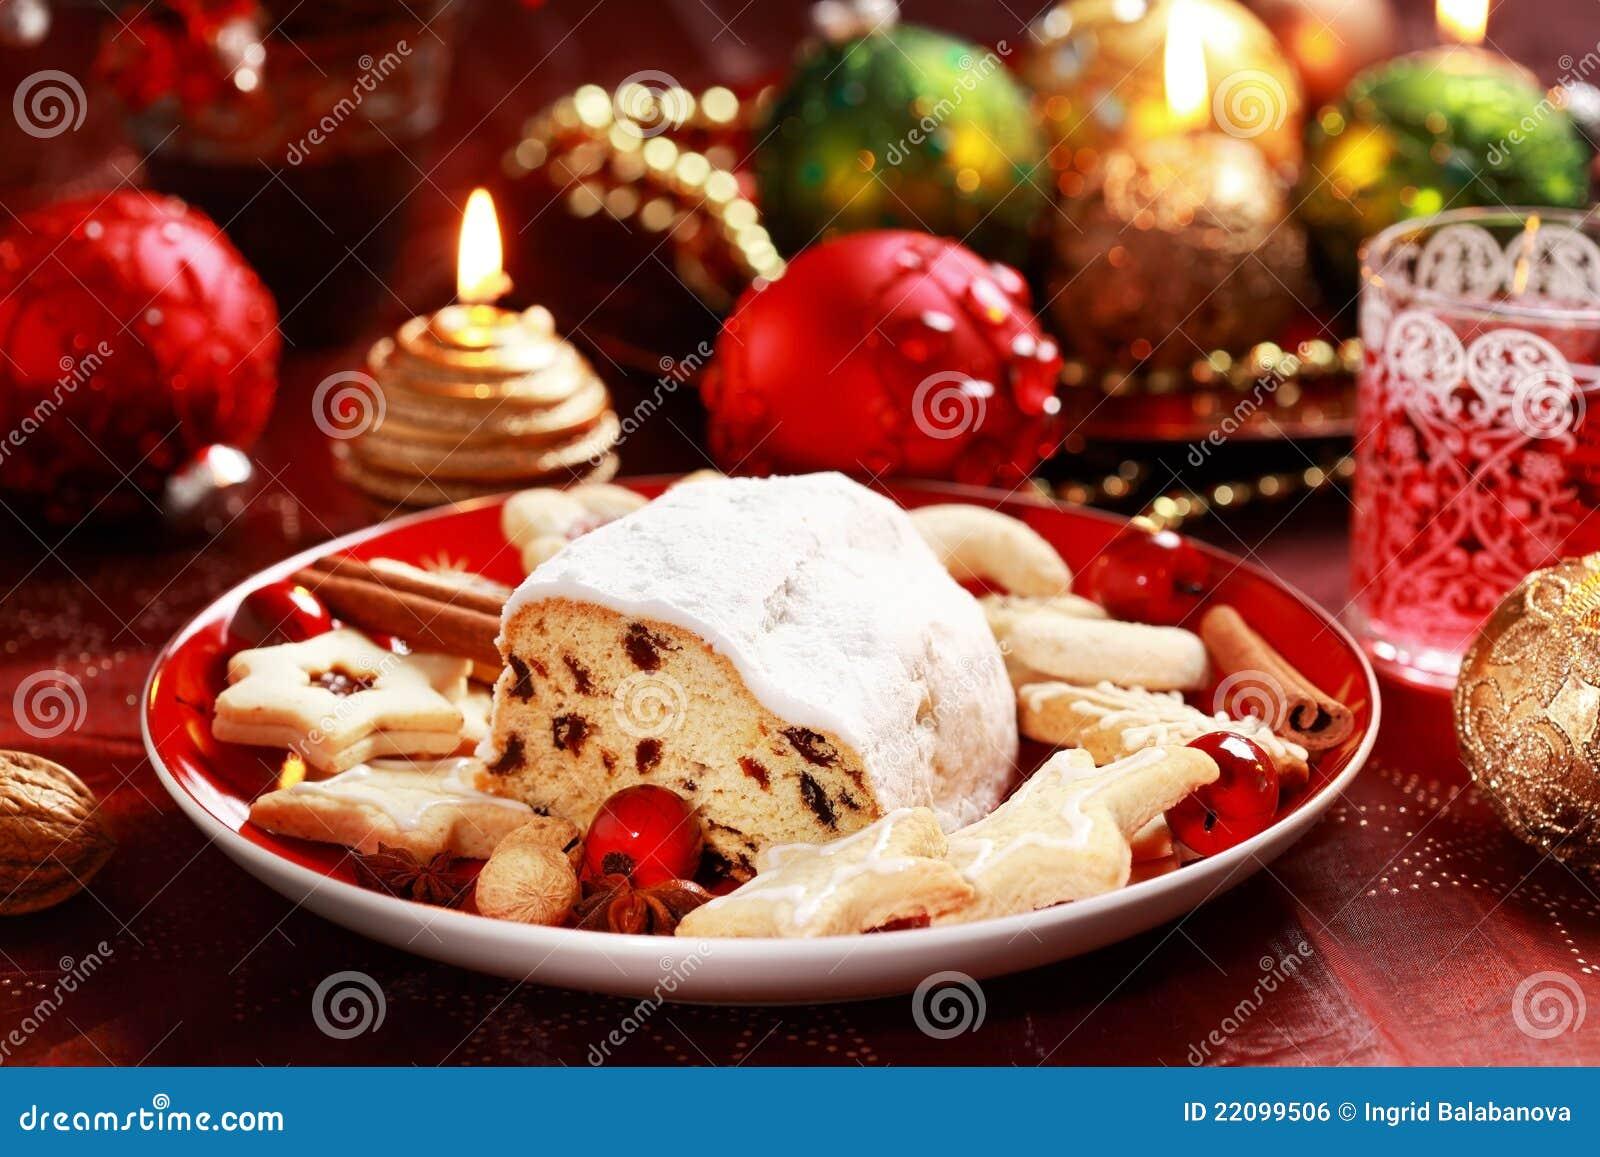 weihnachten stollen mit lebkuchen stockfoto bild 22099506. Black Bedroom Furniture Sets. Home Design Ideas